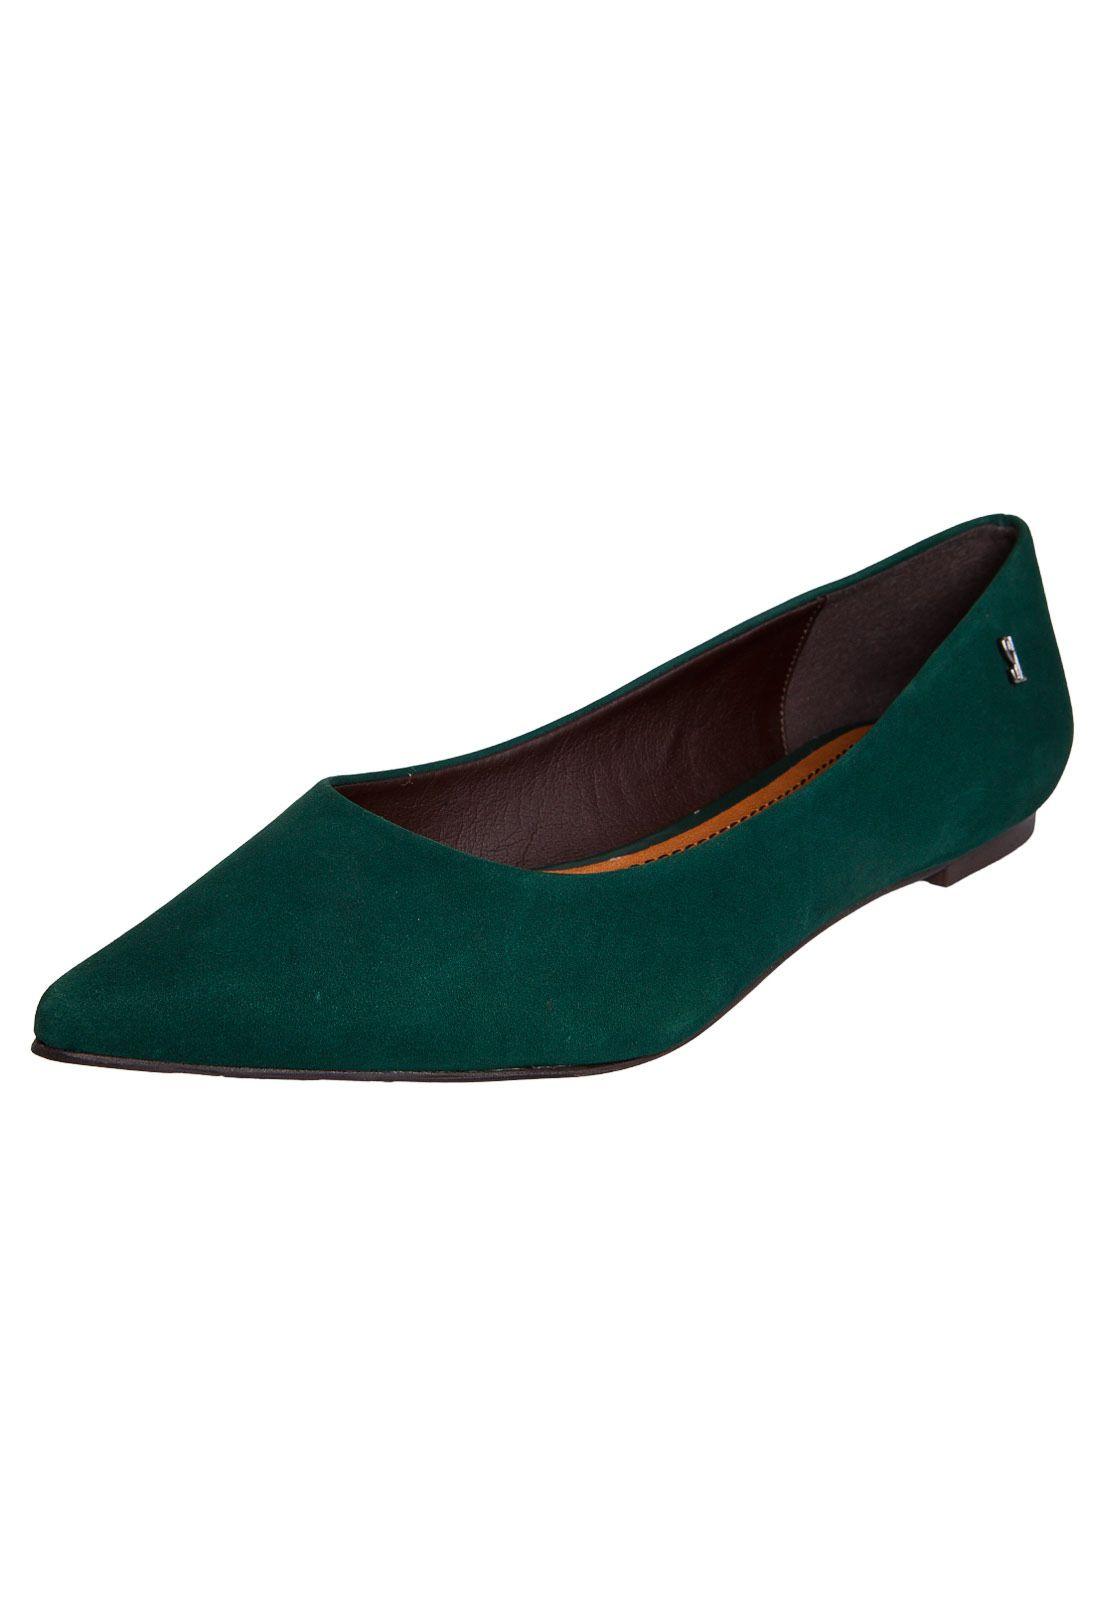 4076d3d7800 Sapatilha Santa Lolla Verde - Compre Agora